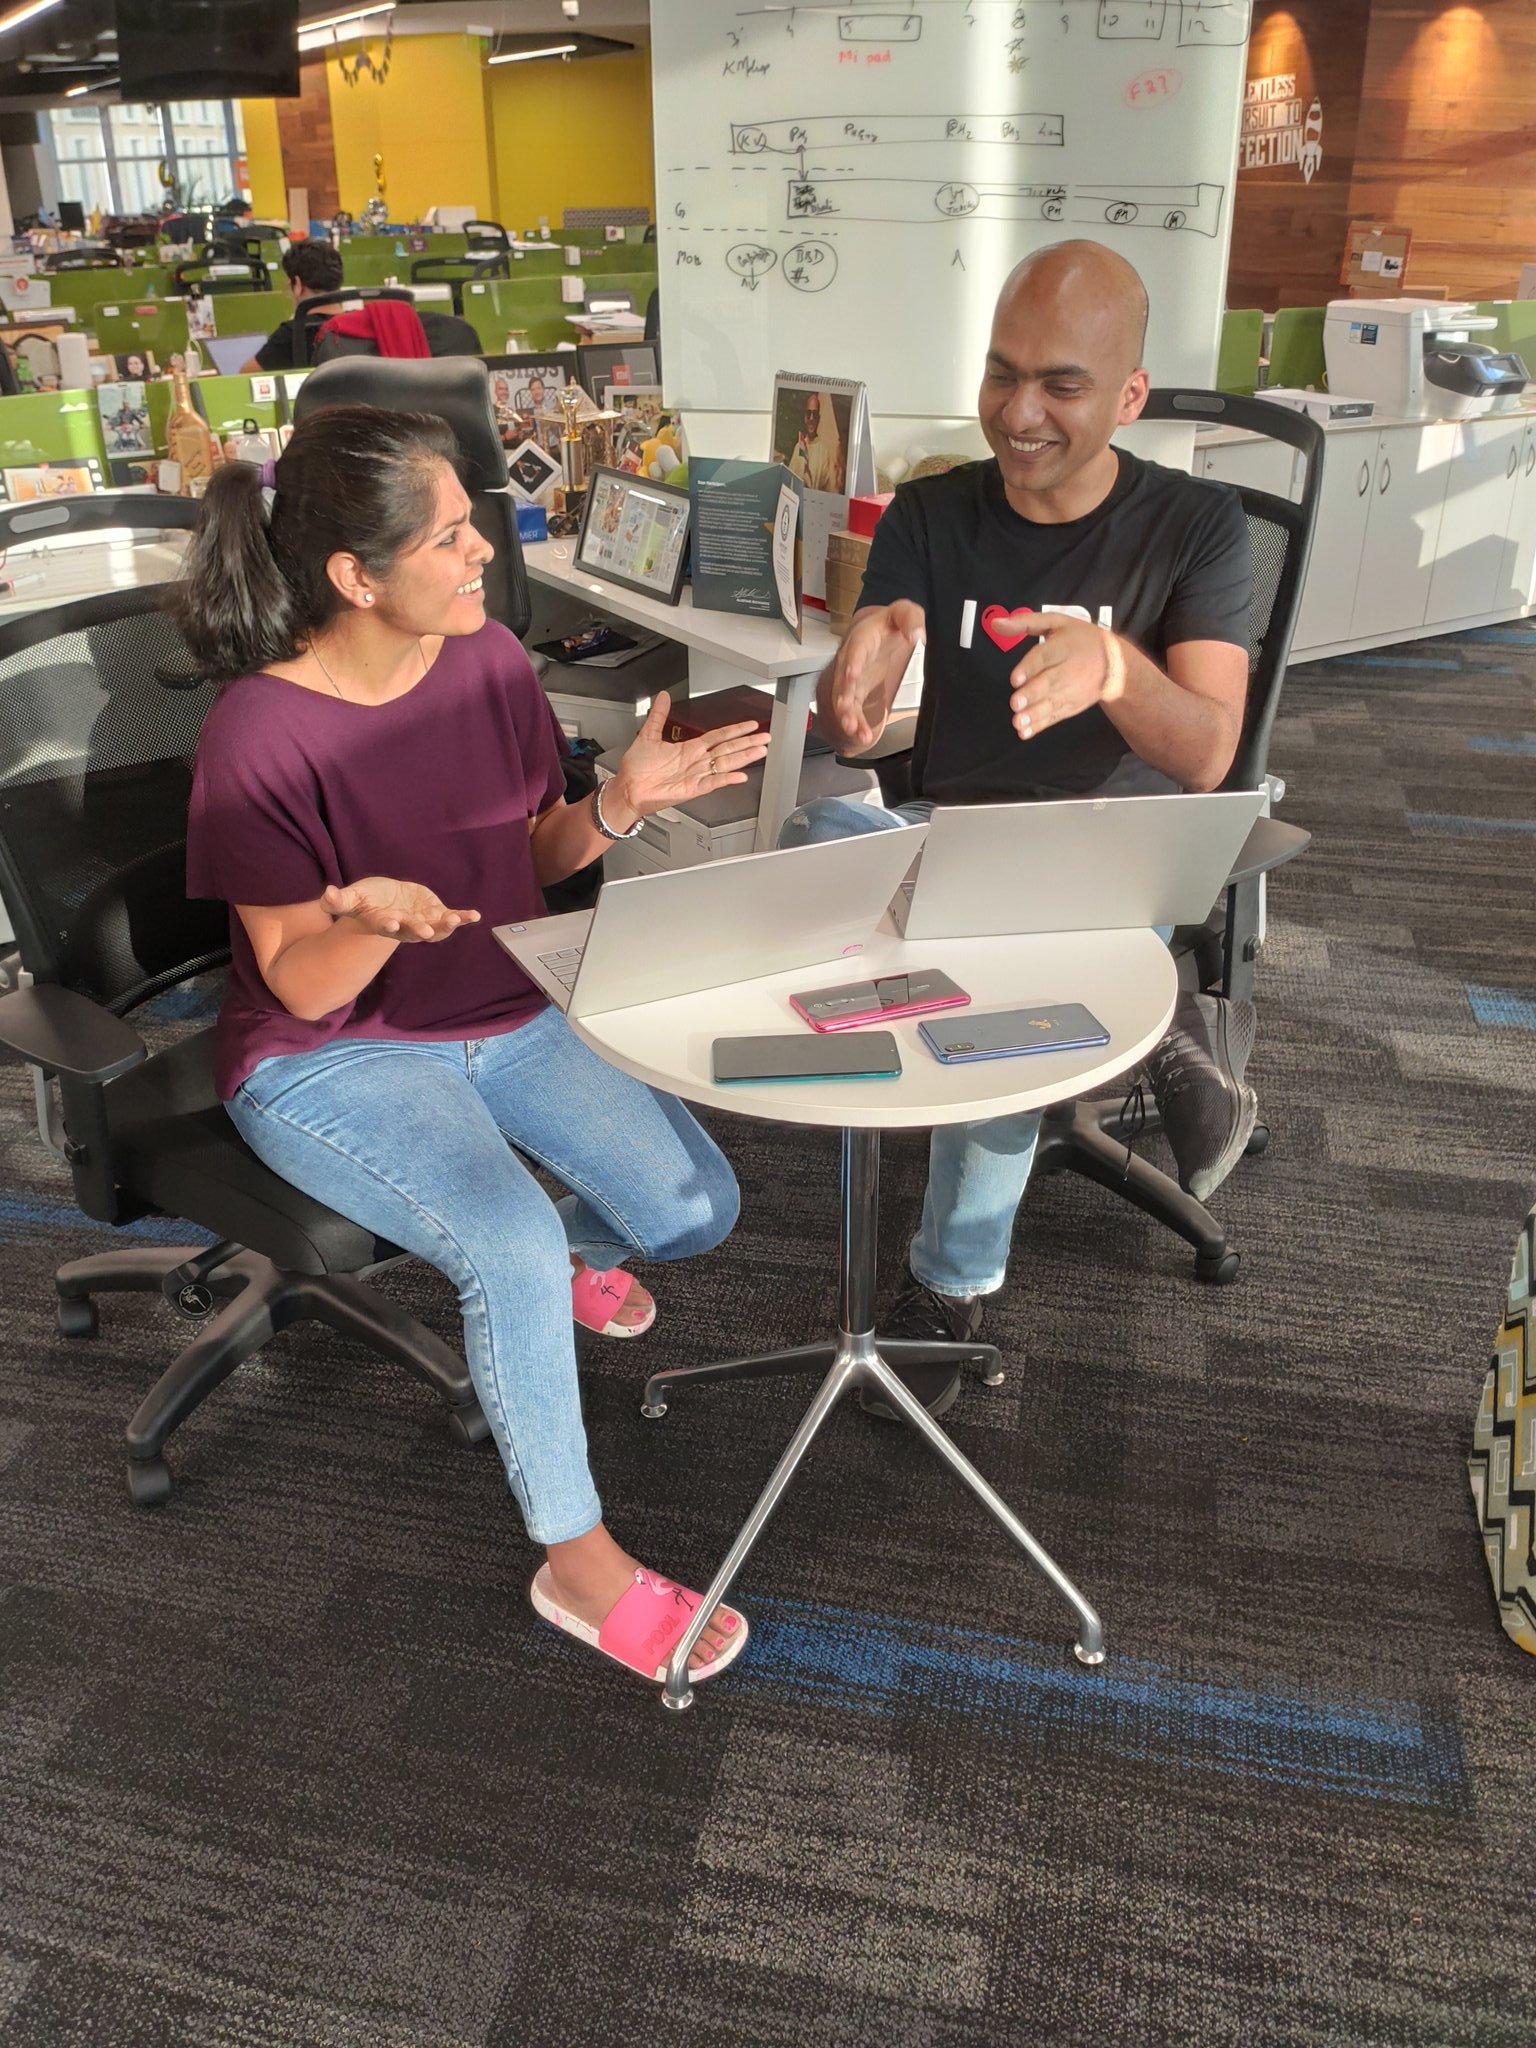 Xiaomi Pocophone F2 kiedy premiera plotki przecieki specyfikacja techniczna wycieki MIUI 11 Global dla Pocophone F1 POCO X2